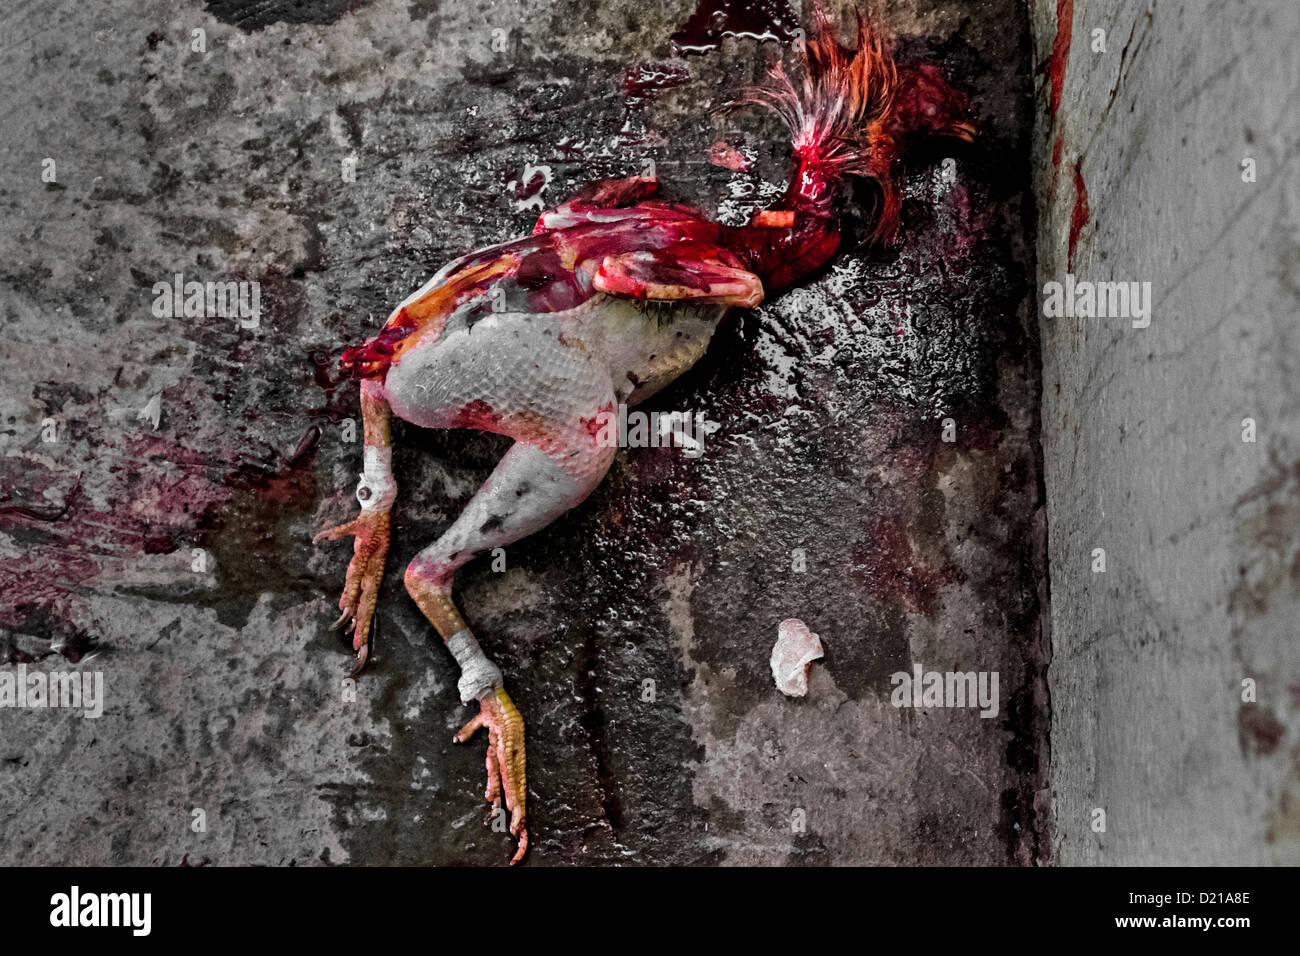 Cock dead picture